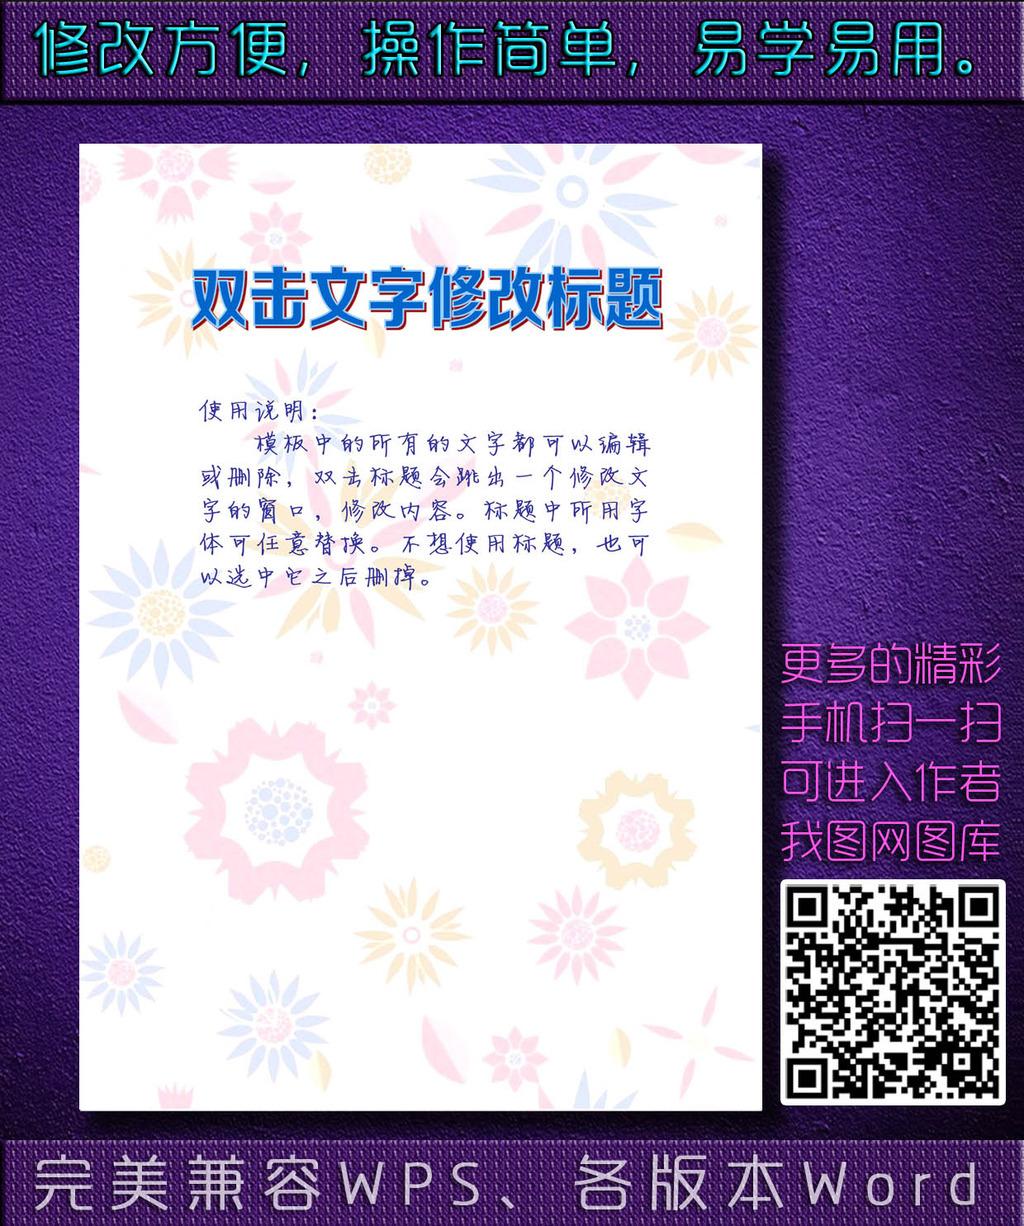 清新/[版权图片]布纹小花素雅精美清新信纸模板